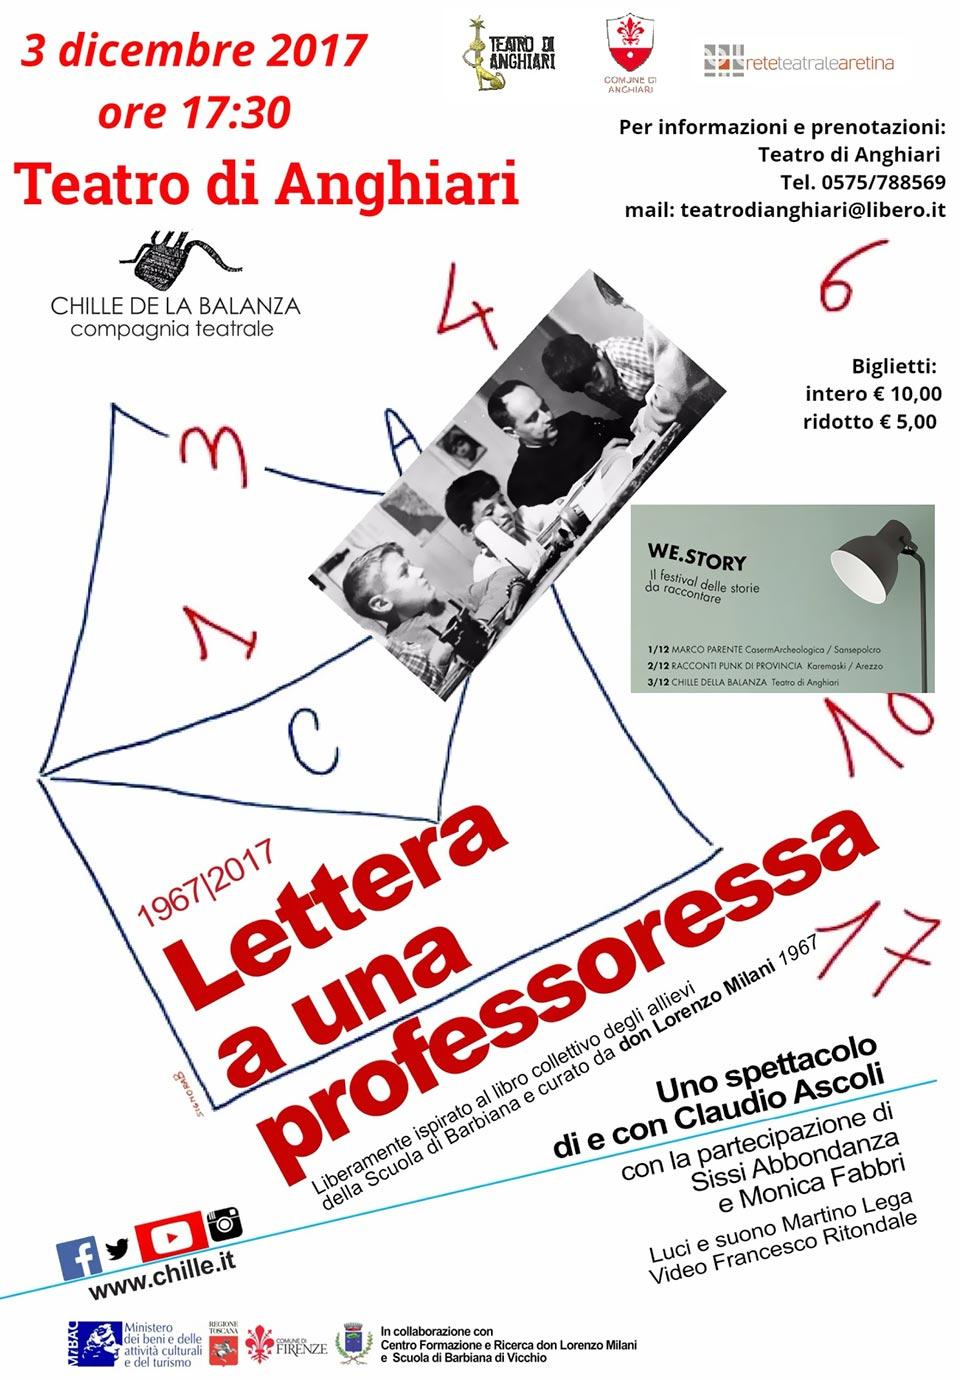 lettera-ad-una-professoressa-chille-de-la-balanza-3dic-2017_Teatro-Anghiari